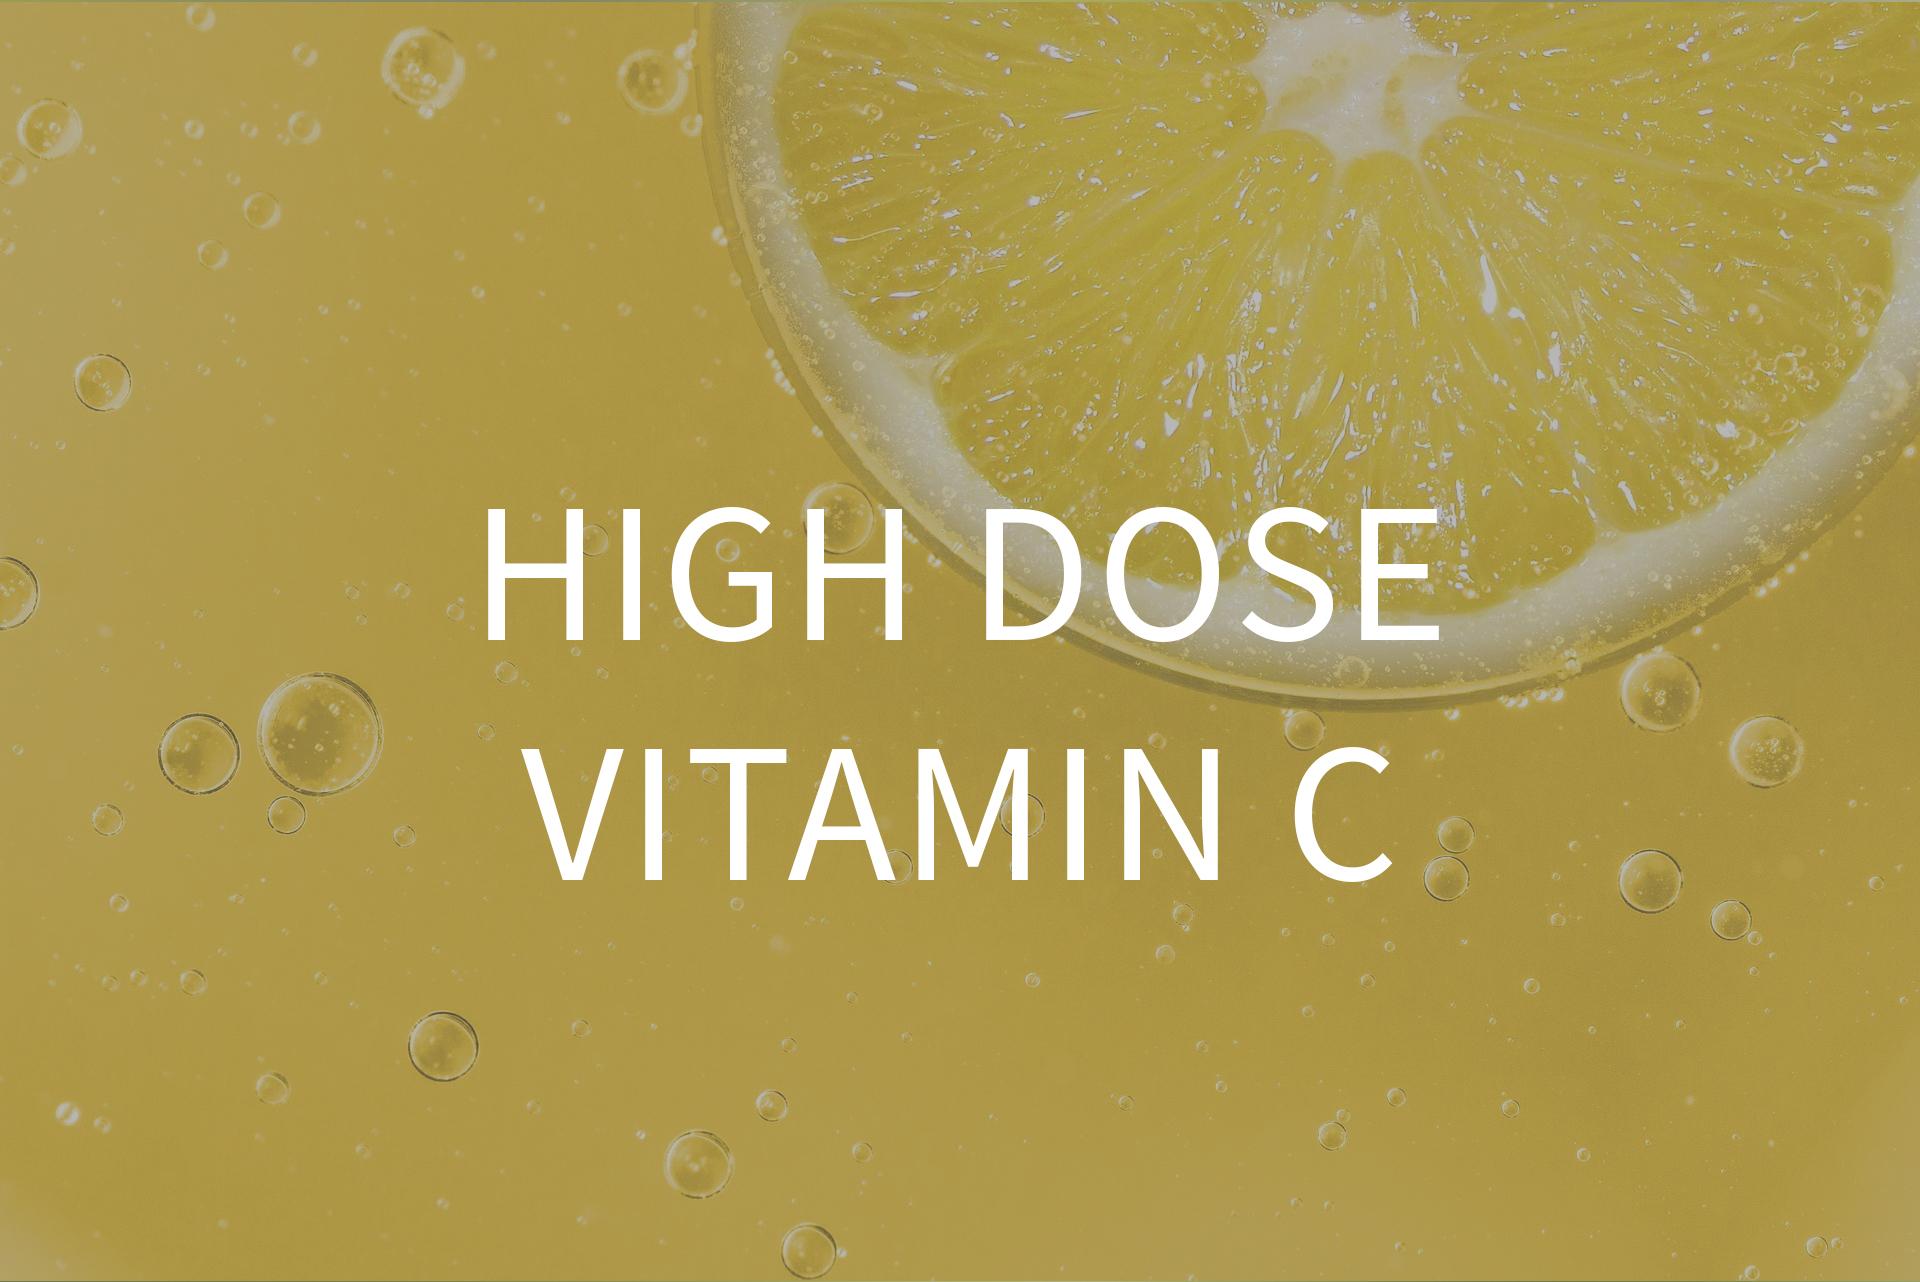 HIGH DOSE VIT C.jpg